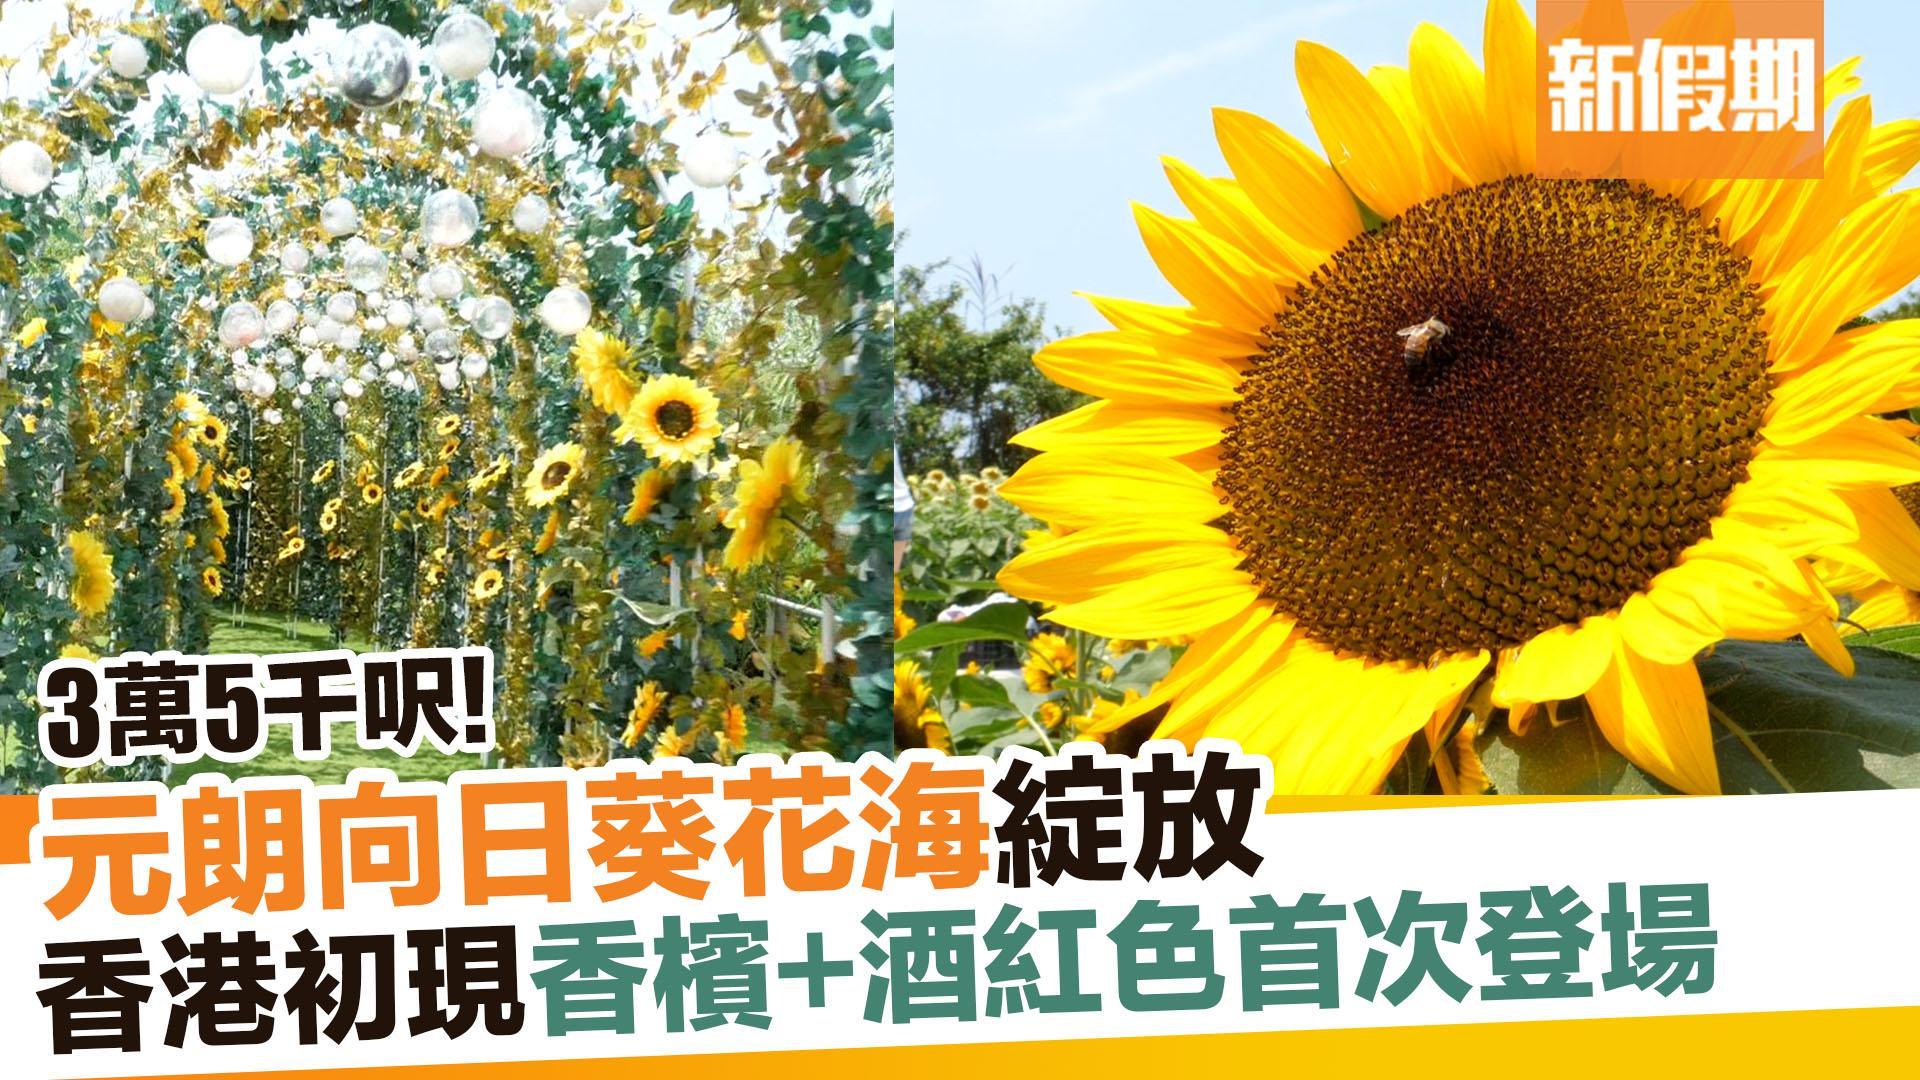 【香港好去處】元朗信芯園向日葵花海綻放 全新香檳色及紅色首次登場!|新假期